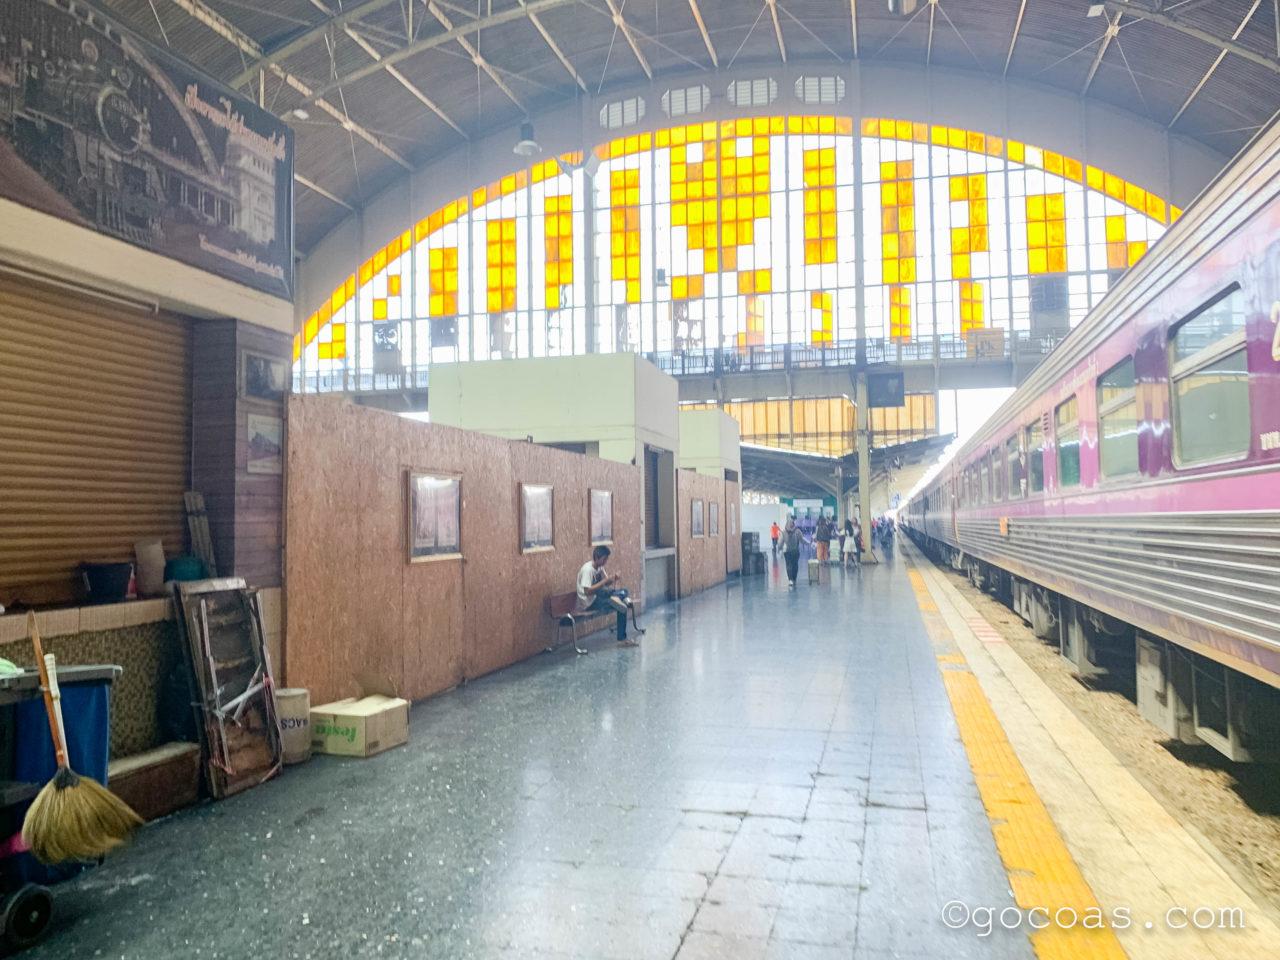 Hua Lamphong駅に停車している電車のホーム